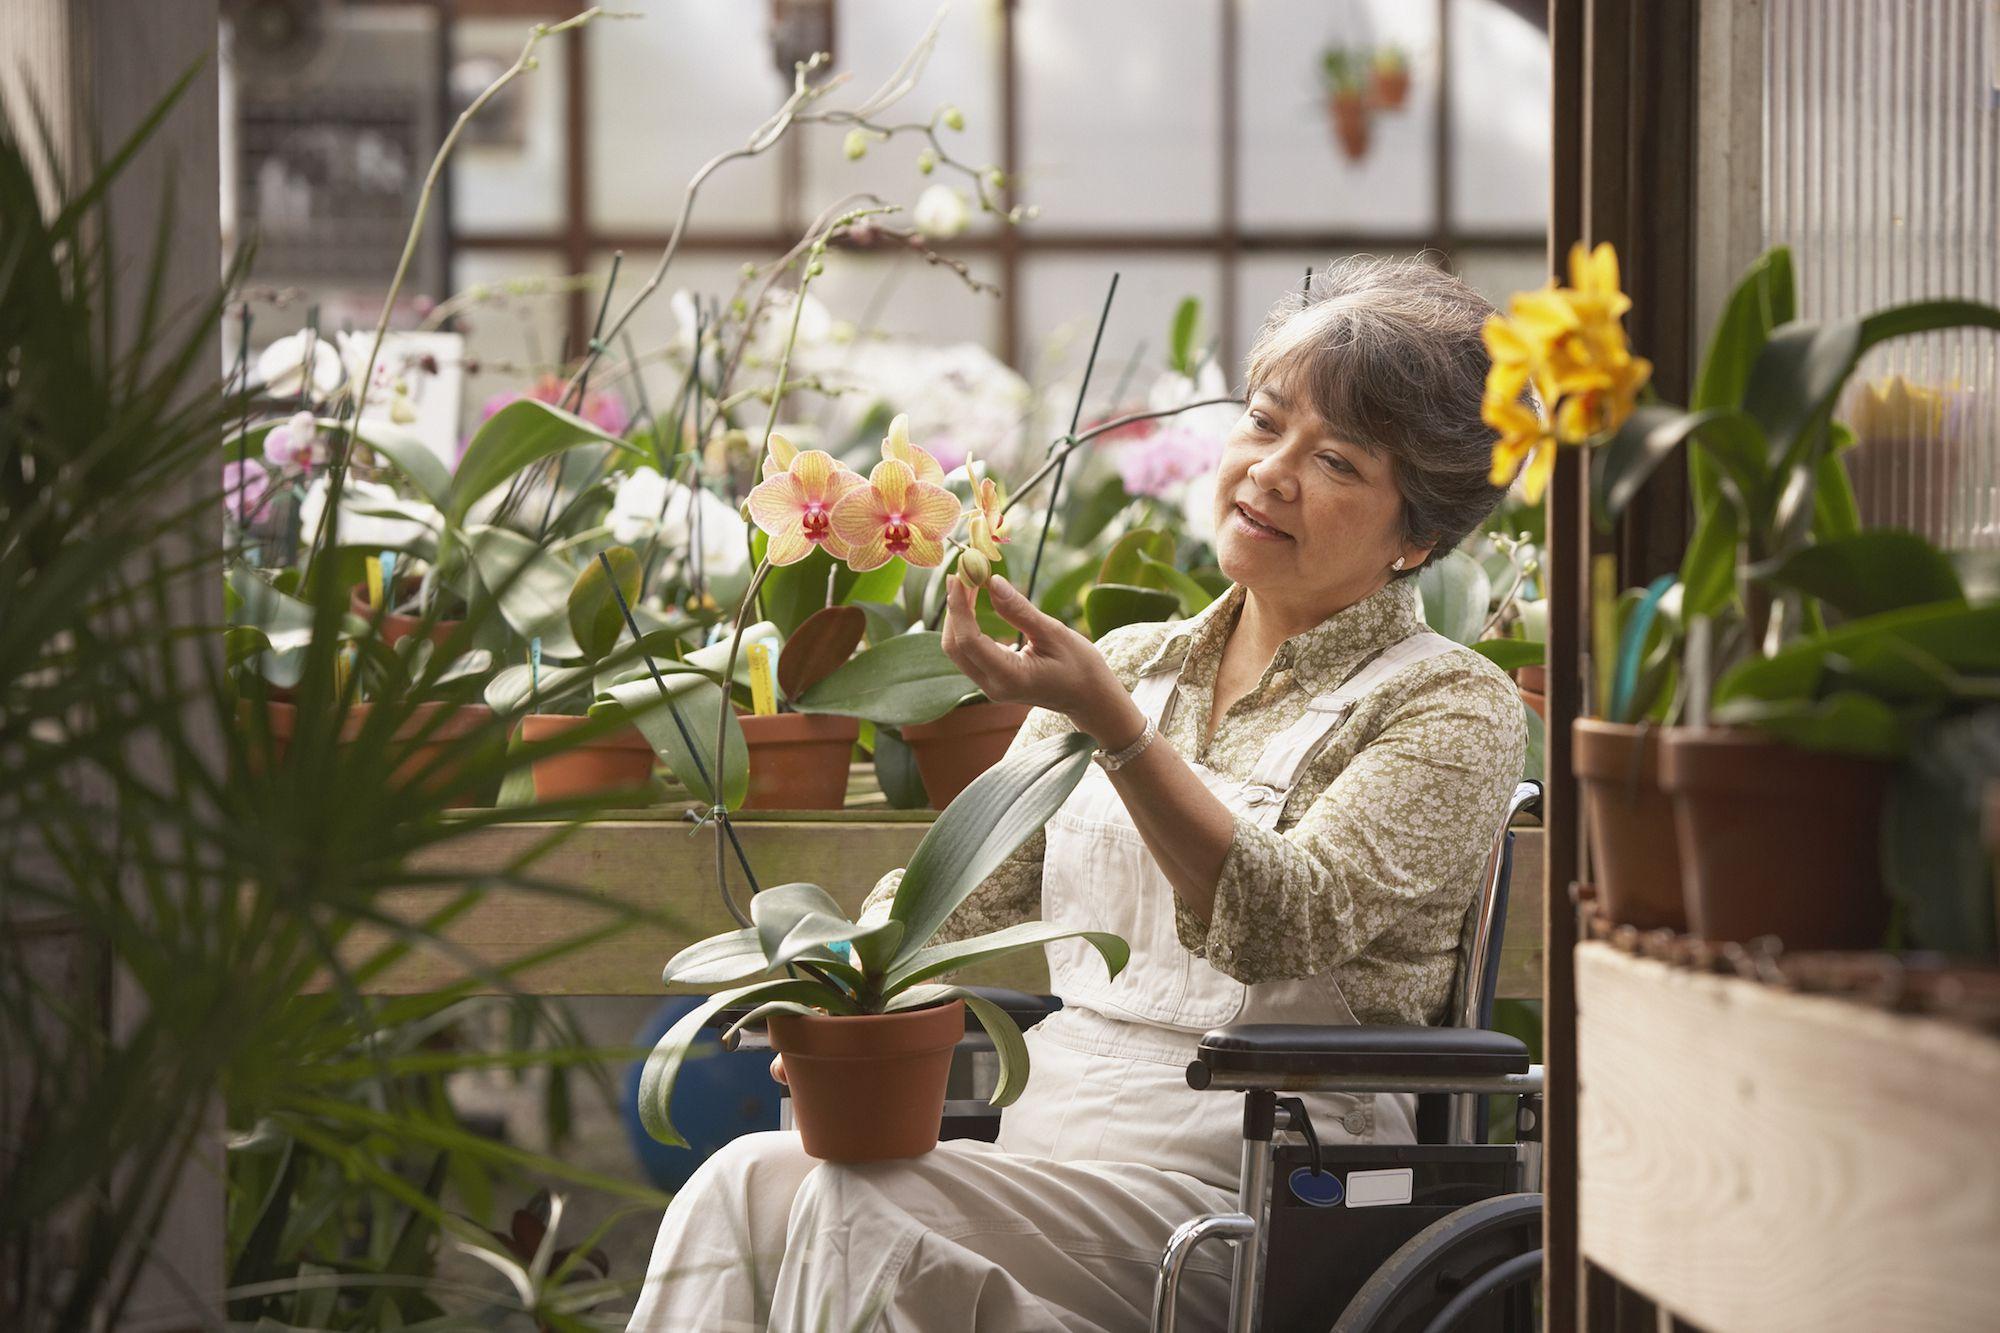 Ergonomic And Adaptive Gardening Tools